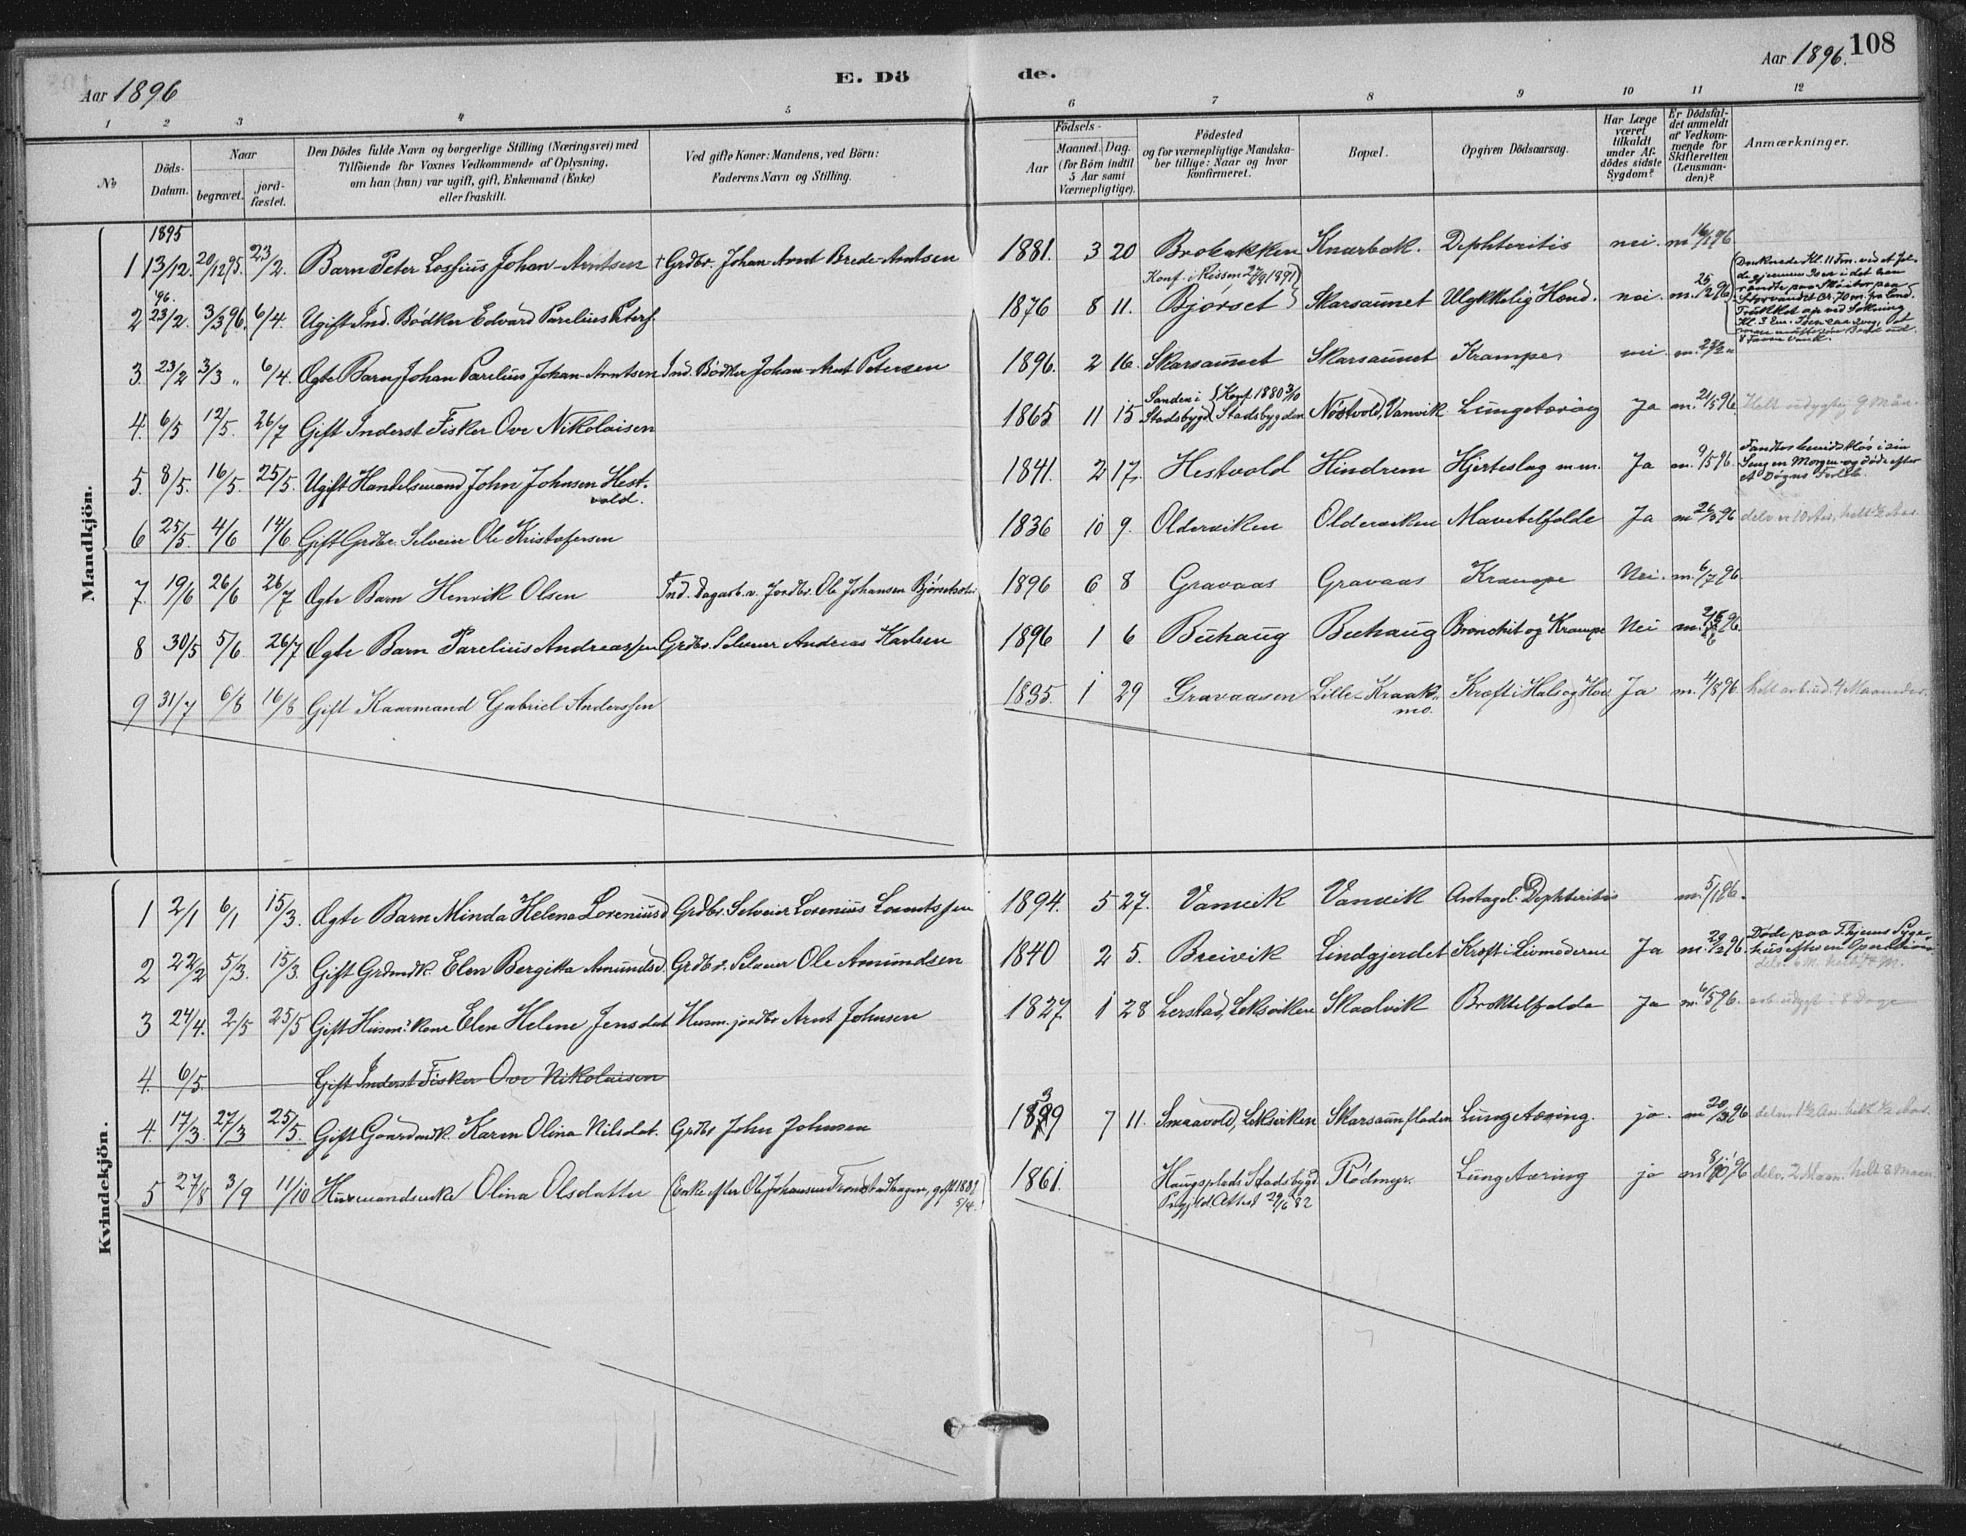 SAT, Ministerialprotokoller, klokkerbøker og fødselsregistre - Nord-Trøndelag, 702/L0023: Ministerialbok nr. 702A01, 1883-1897, s. 108